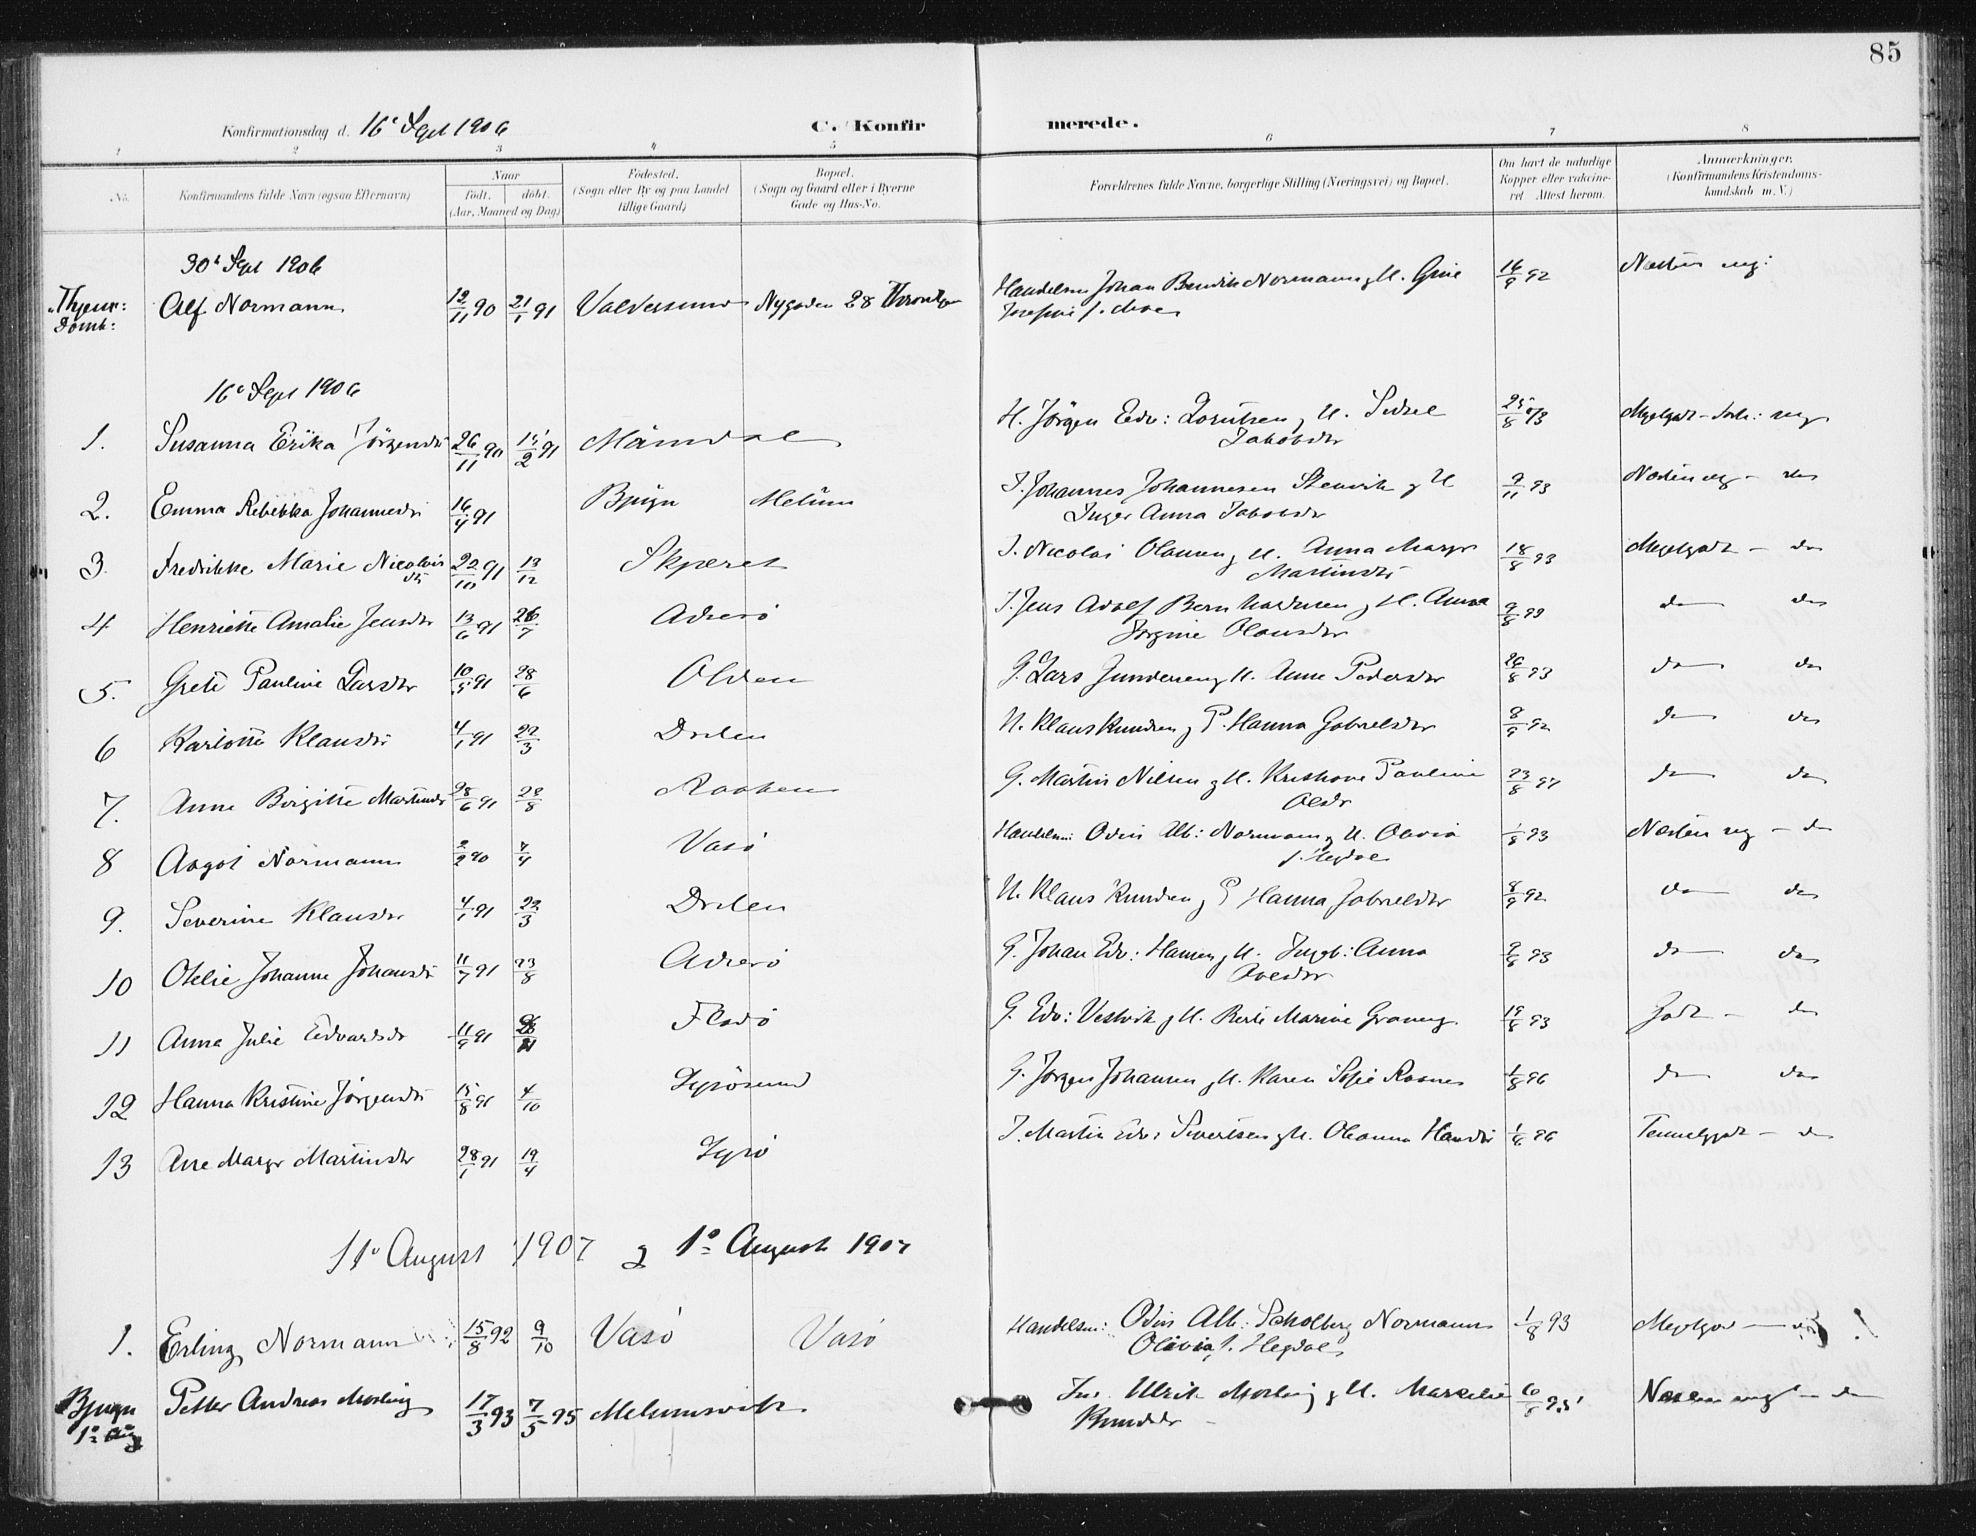 SAT, Ministerialprotokoller, klokkerbøker og fødselsregistre - Sør-Trøndelag, 654/L0664: Ministerialbok nr. 654A02, 1895-1907, s. 85